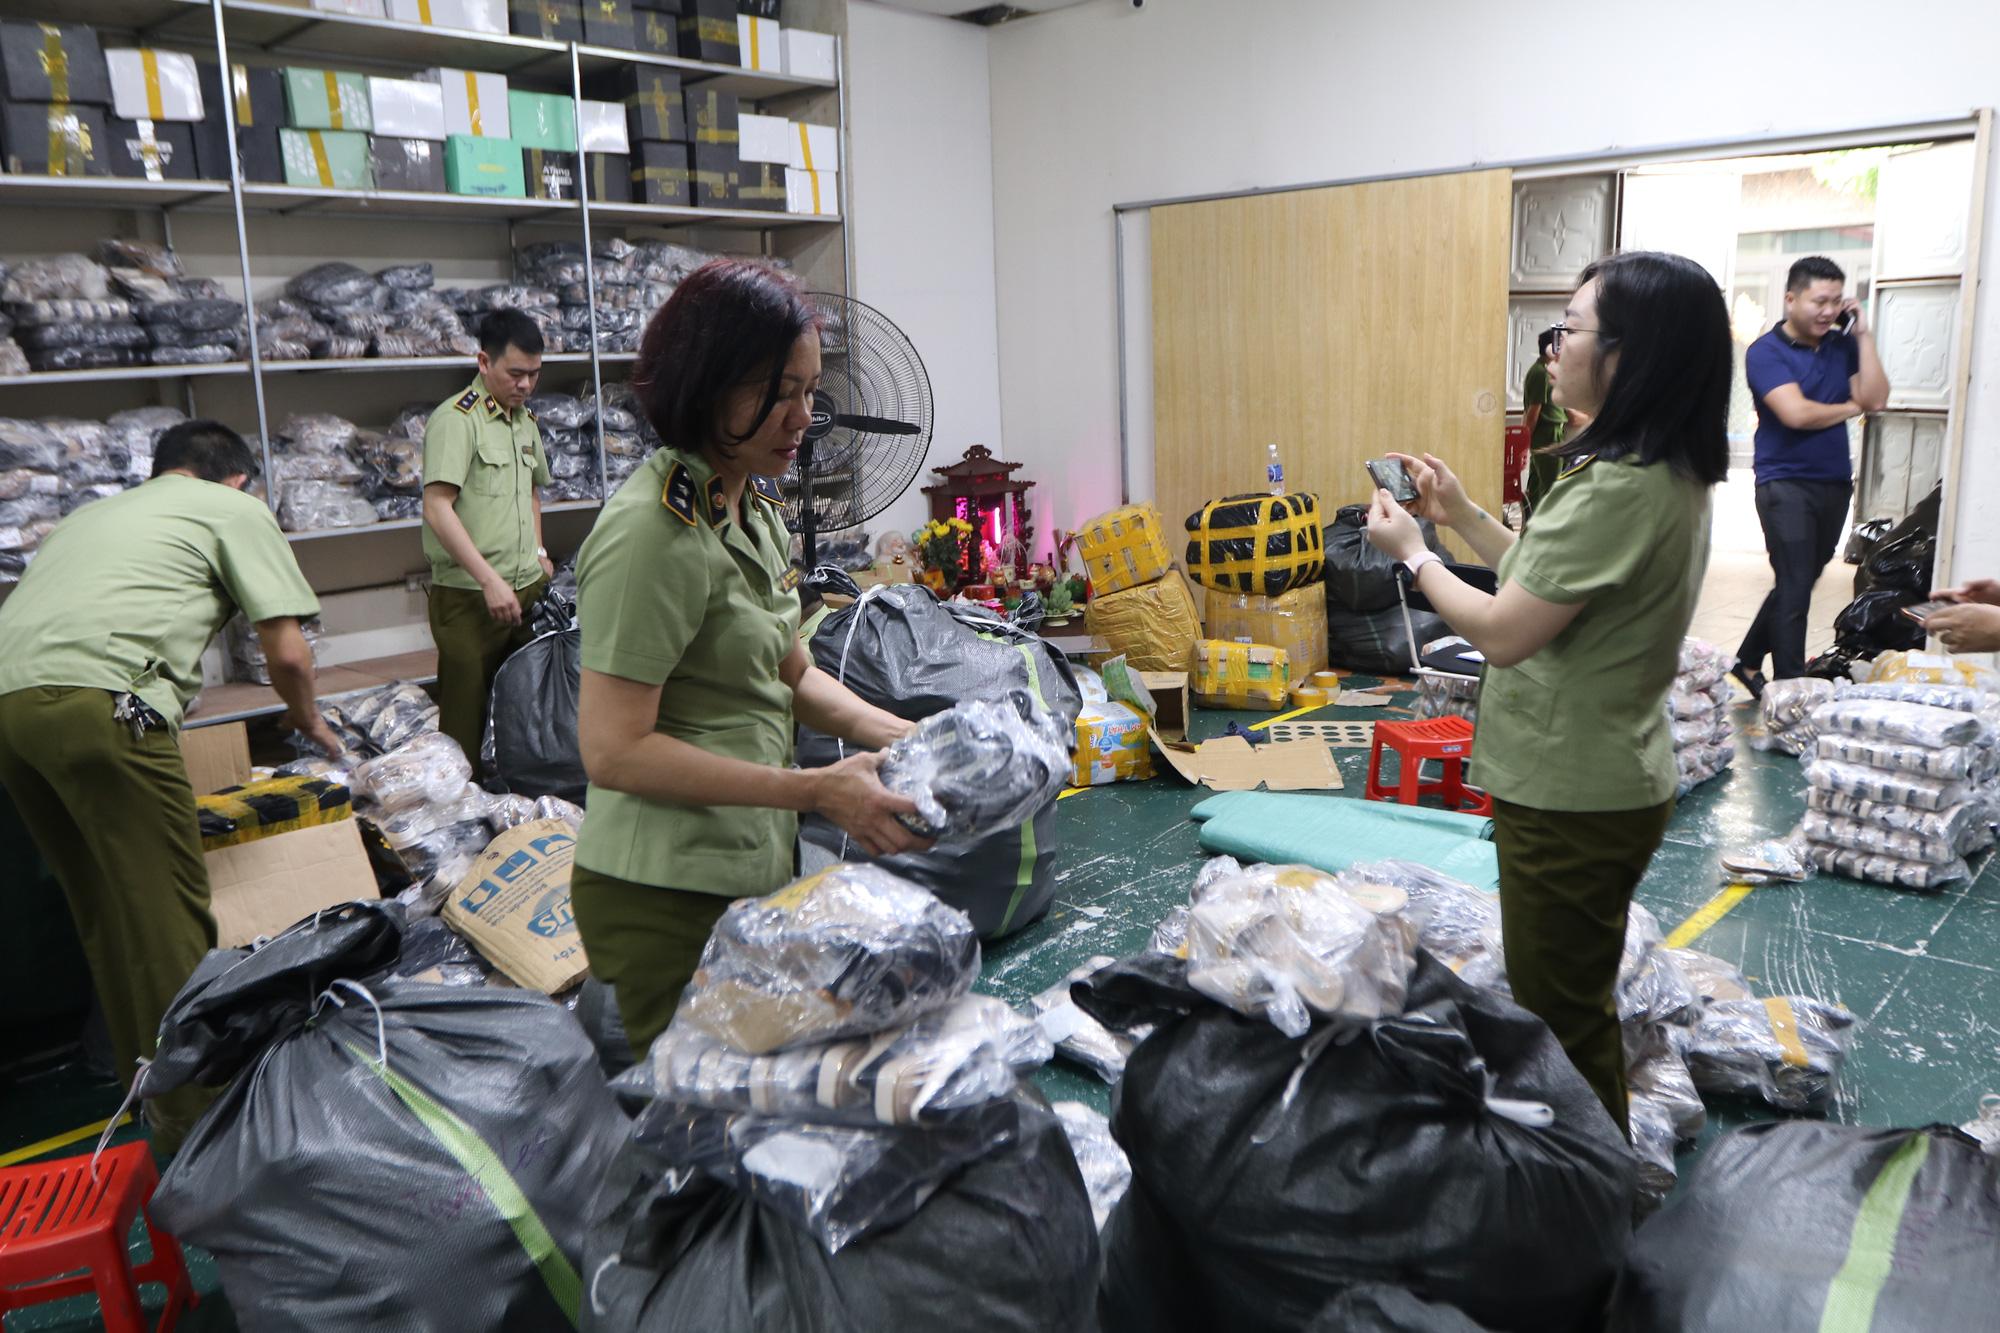 Hà Nội: Triệt phá kho giày dép hơn 3.000 đôi giả mạo các nhãn hiệu nổi tiếng thế giới - Ảnh 7.